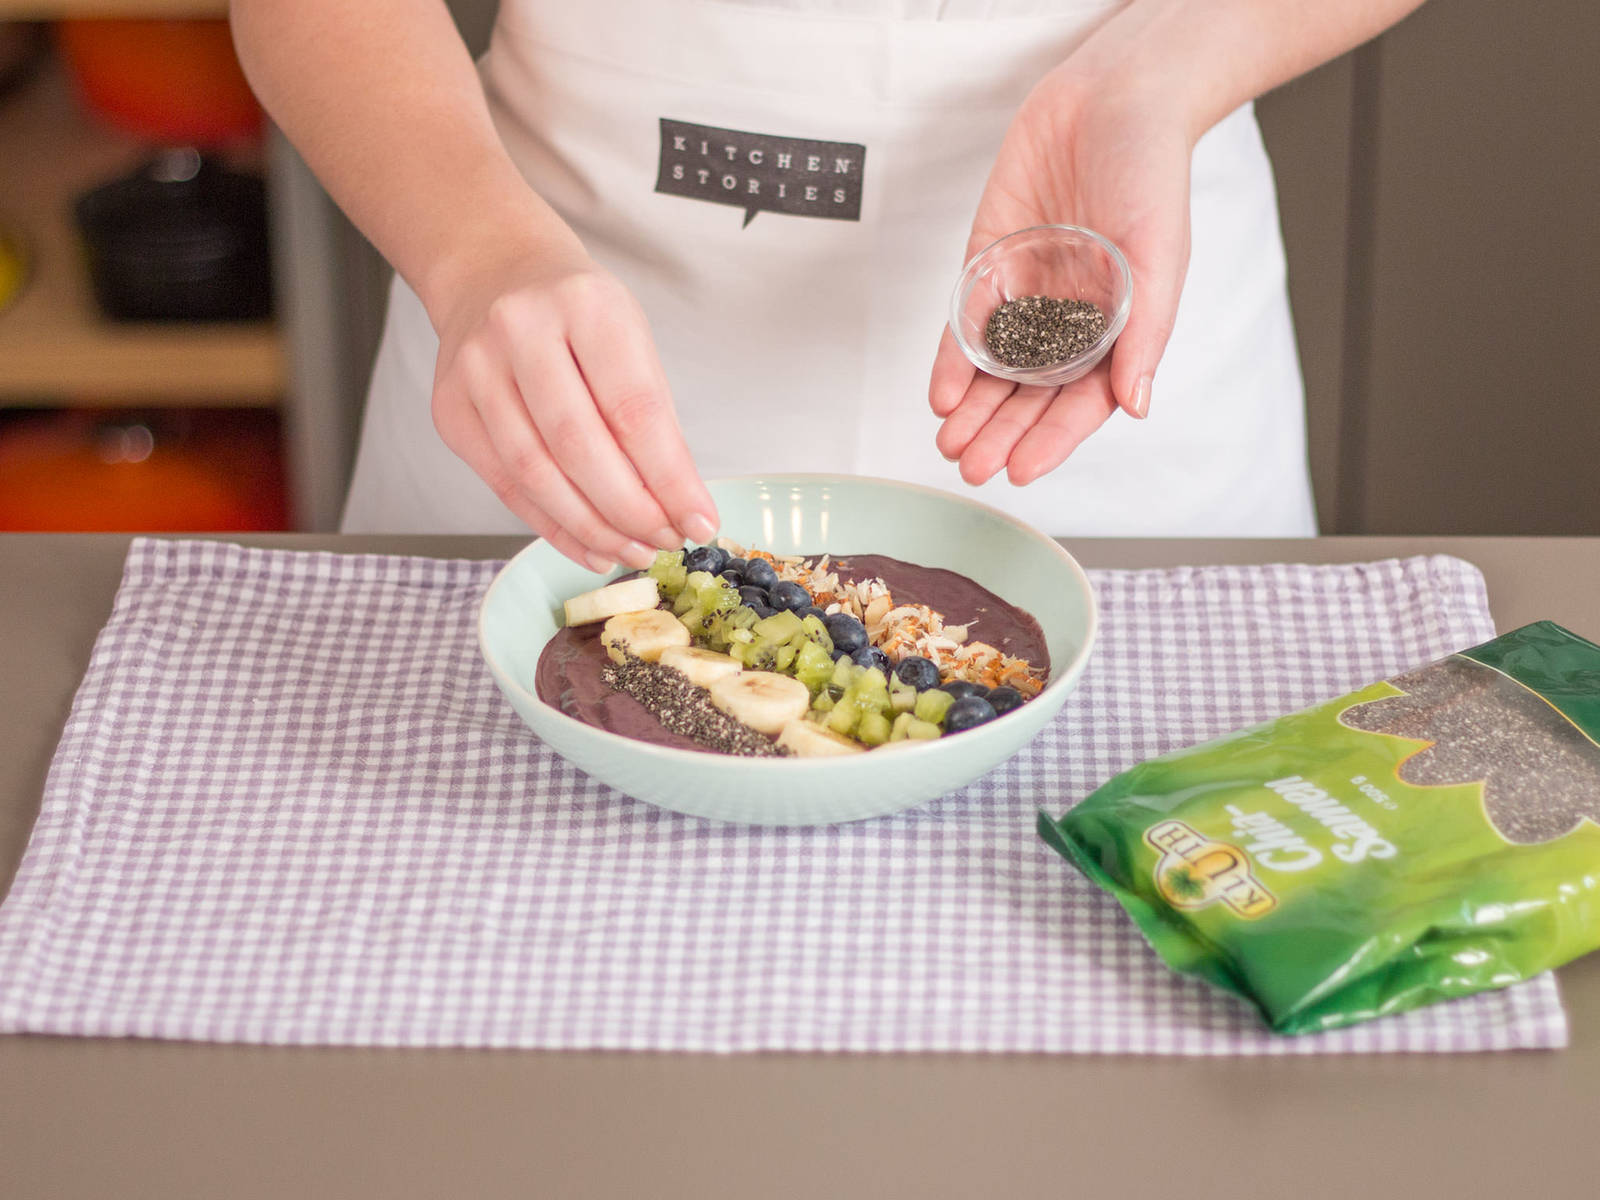 上一步中制好的巴西莓果酱倒入碗中。饰以香蕉、奇异果、蓝莓、杏仁和奇亚籽。 这款饮品既可作为补充能量的早餐,也可作为下午的提神饮料,尽情享用吧!